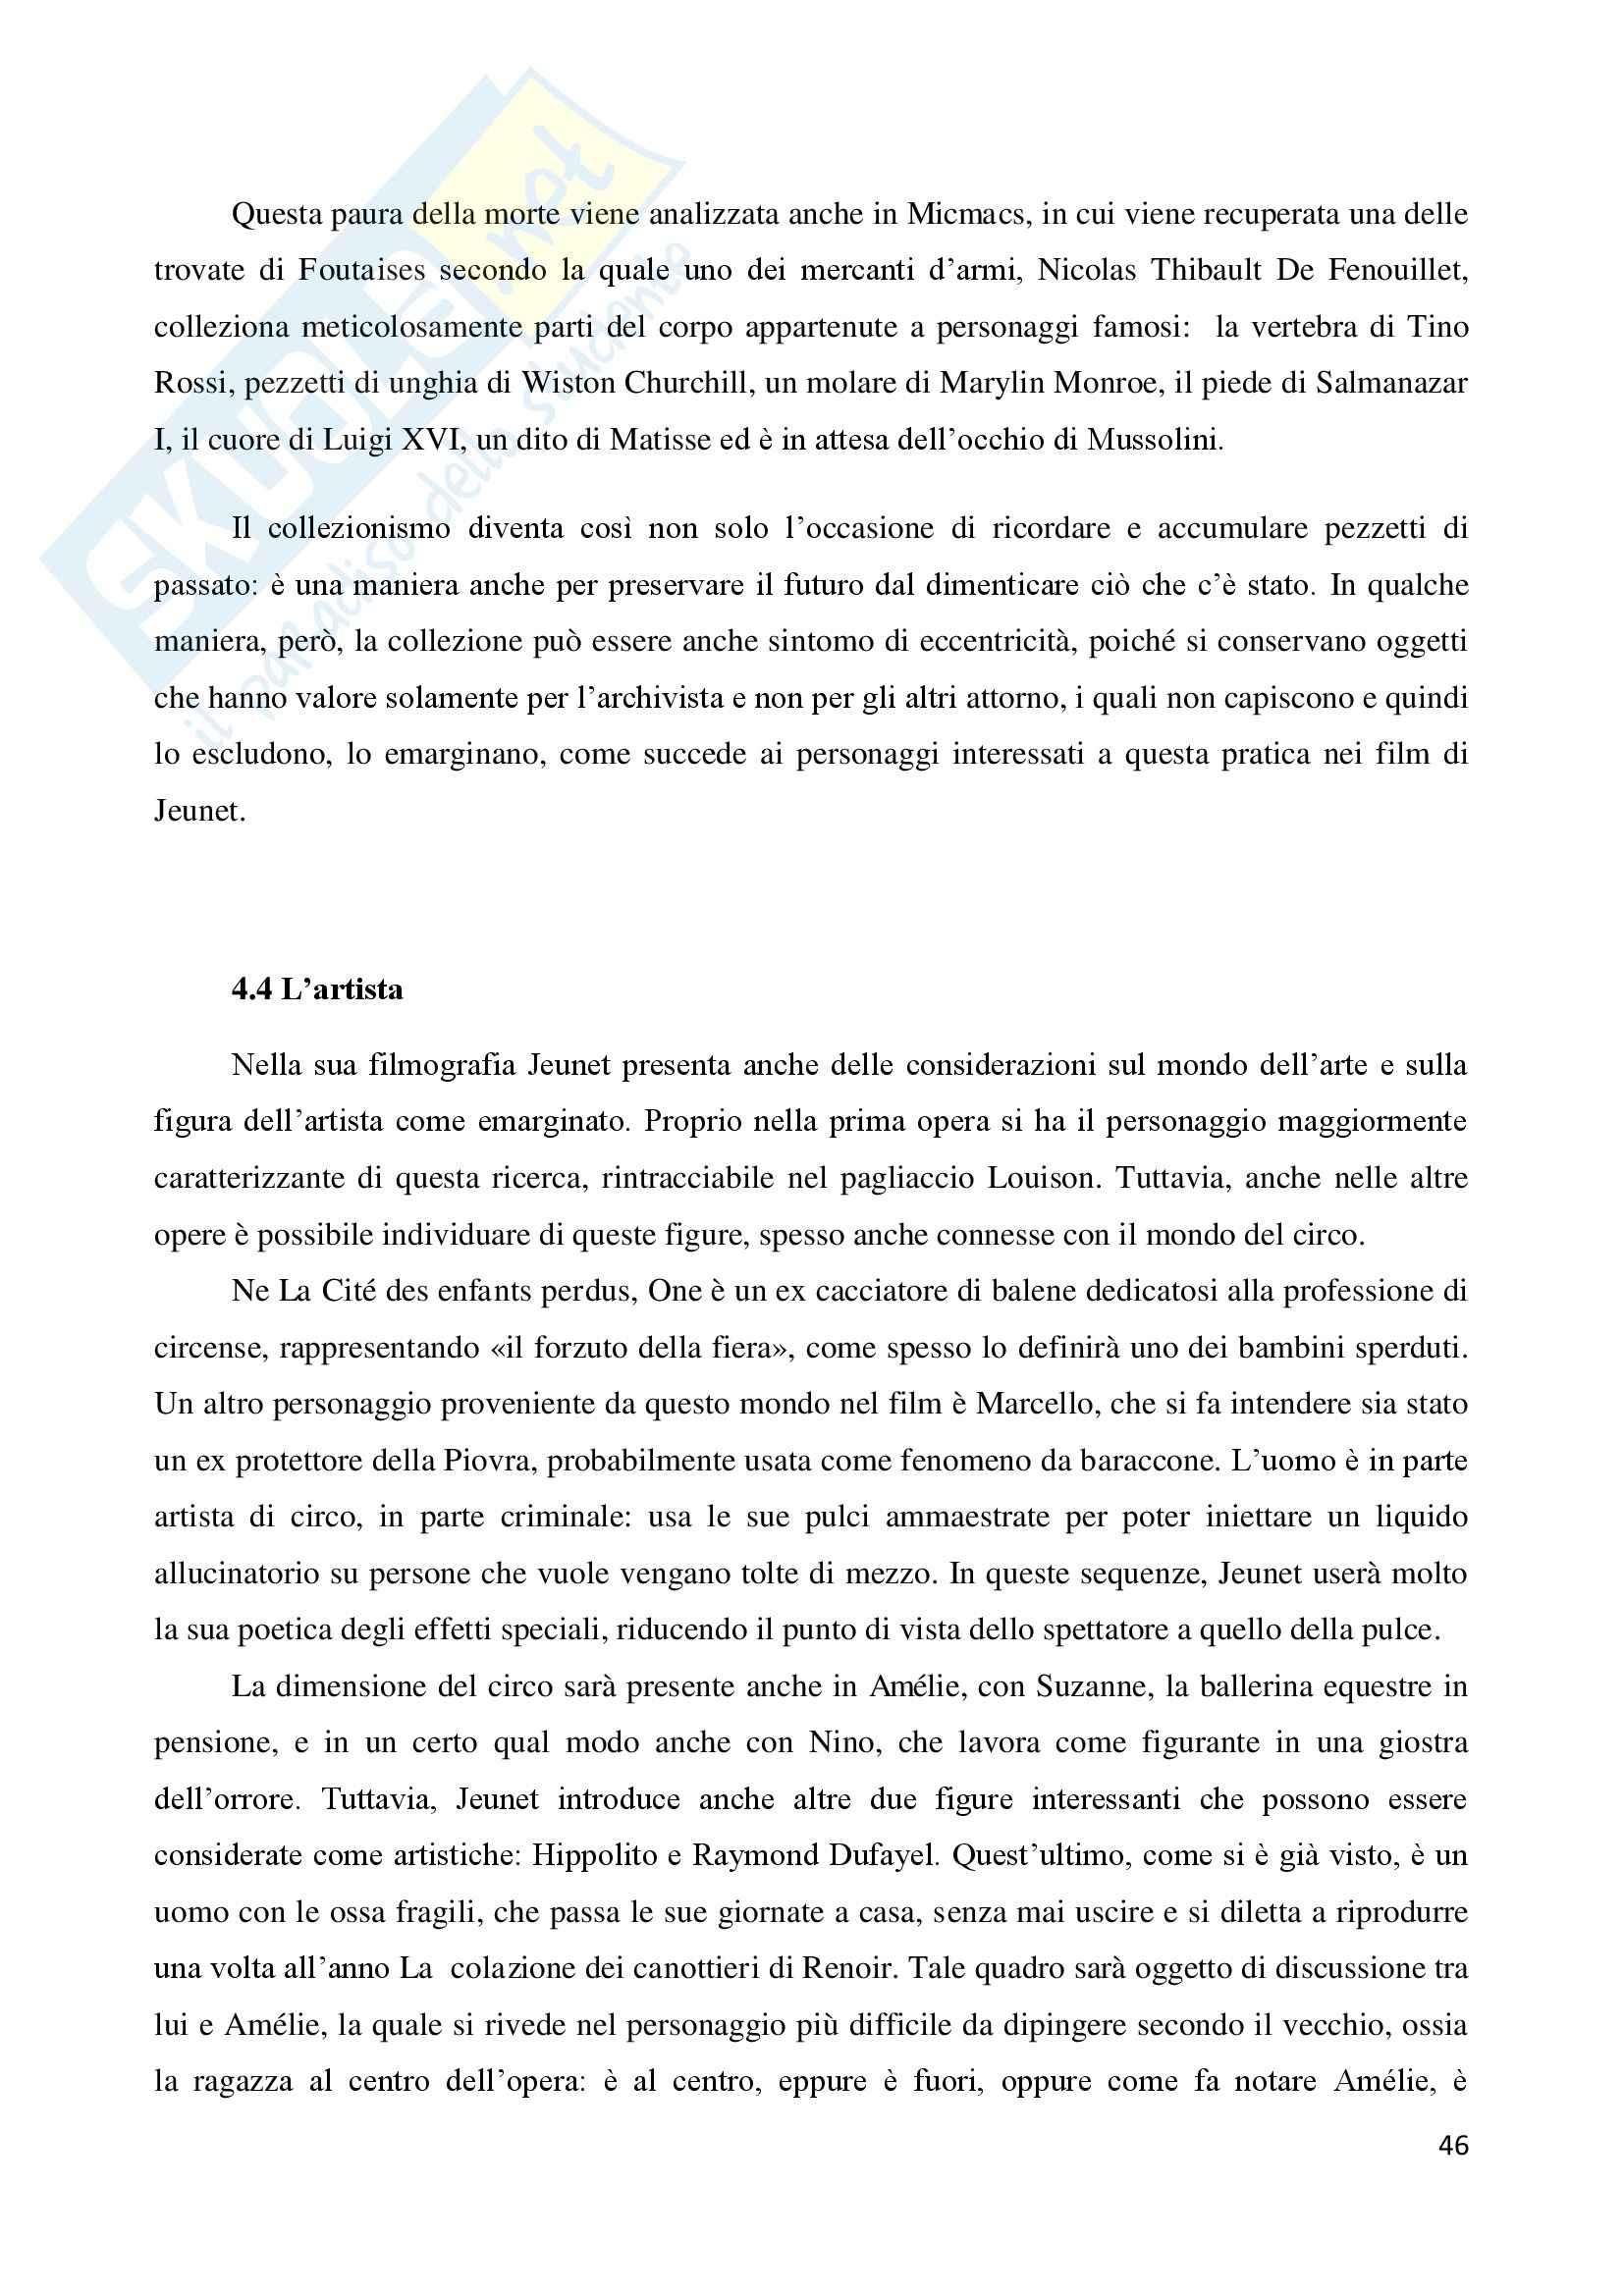 La marginalità delle esistenze nel cinema di Jean Pierre Jeunet, tesi Pag. 46